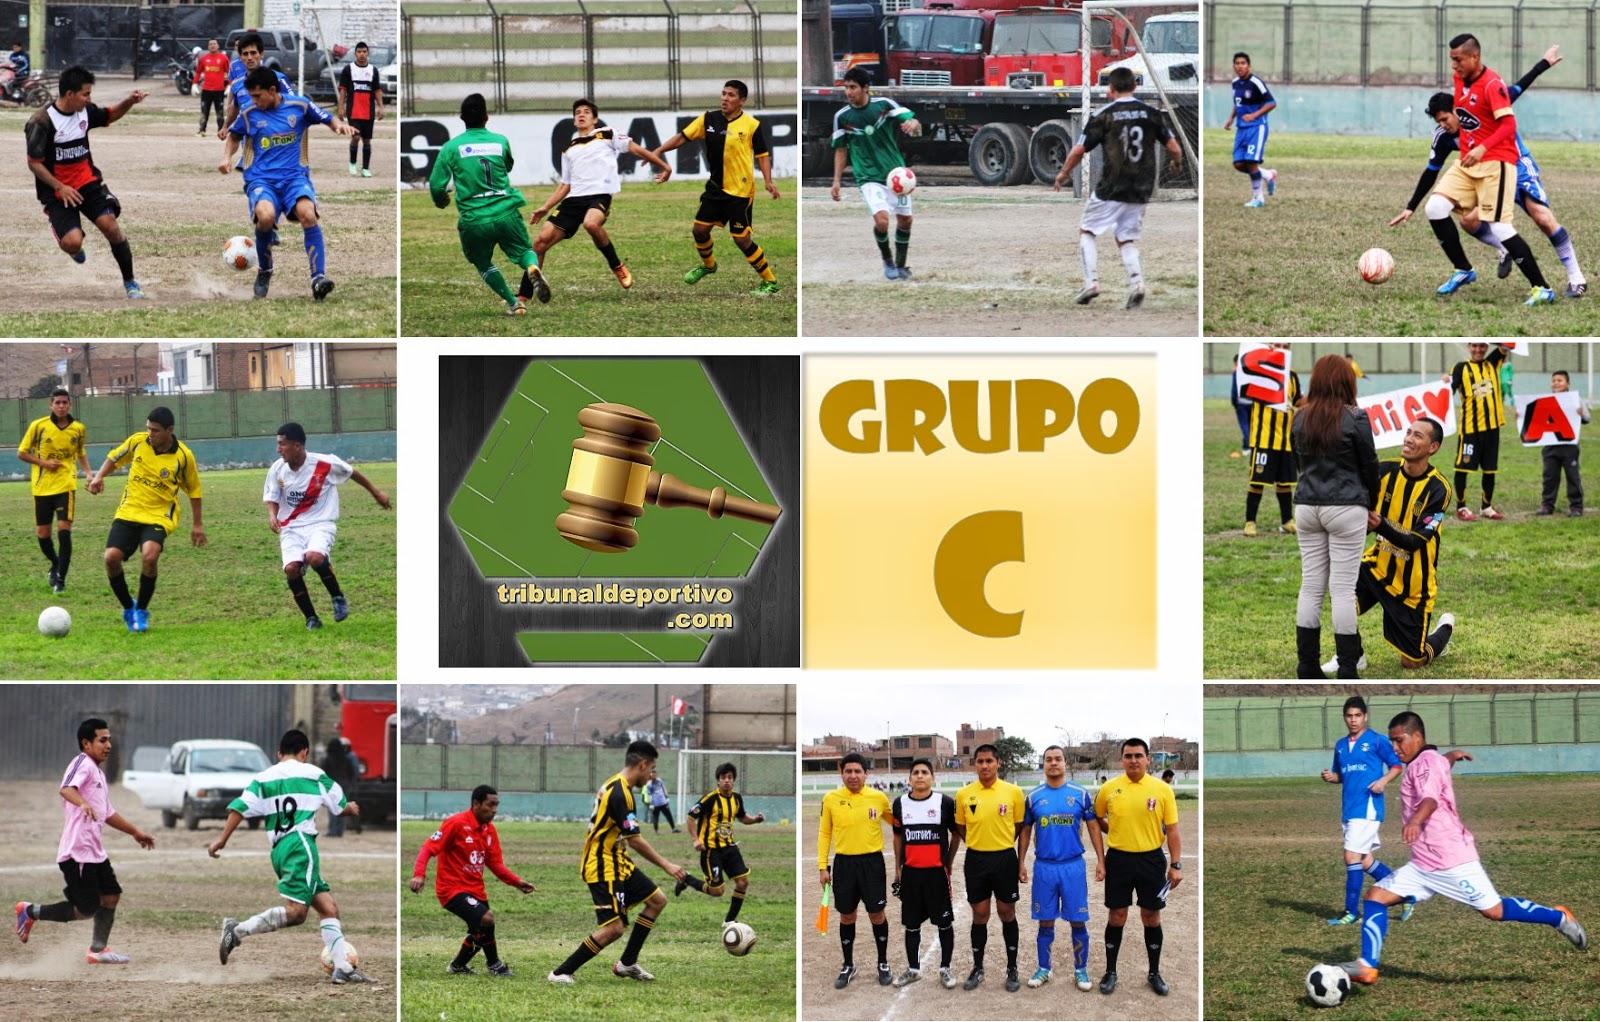 http://tribunal-deportivo.blogspot.com/2014/09/departamental-callao-grupo-c-fecha-1.html